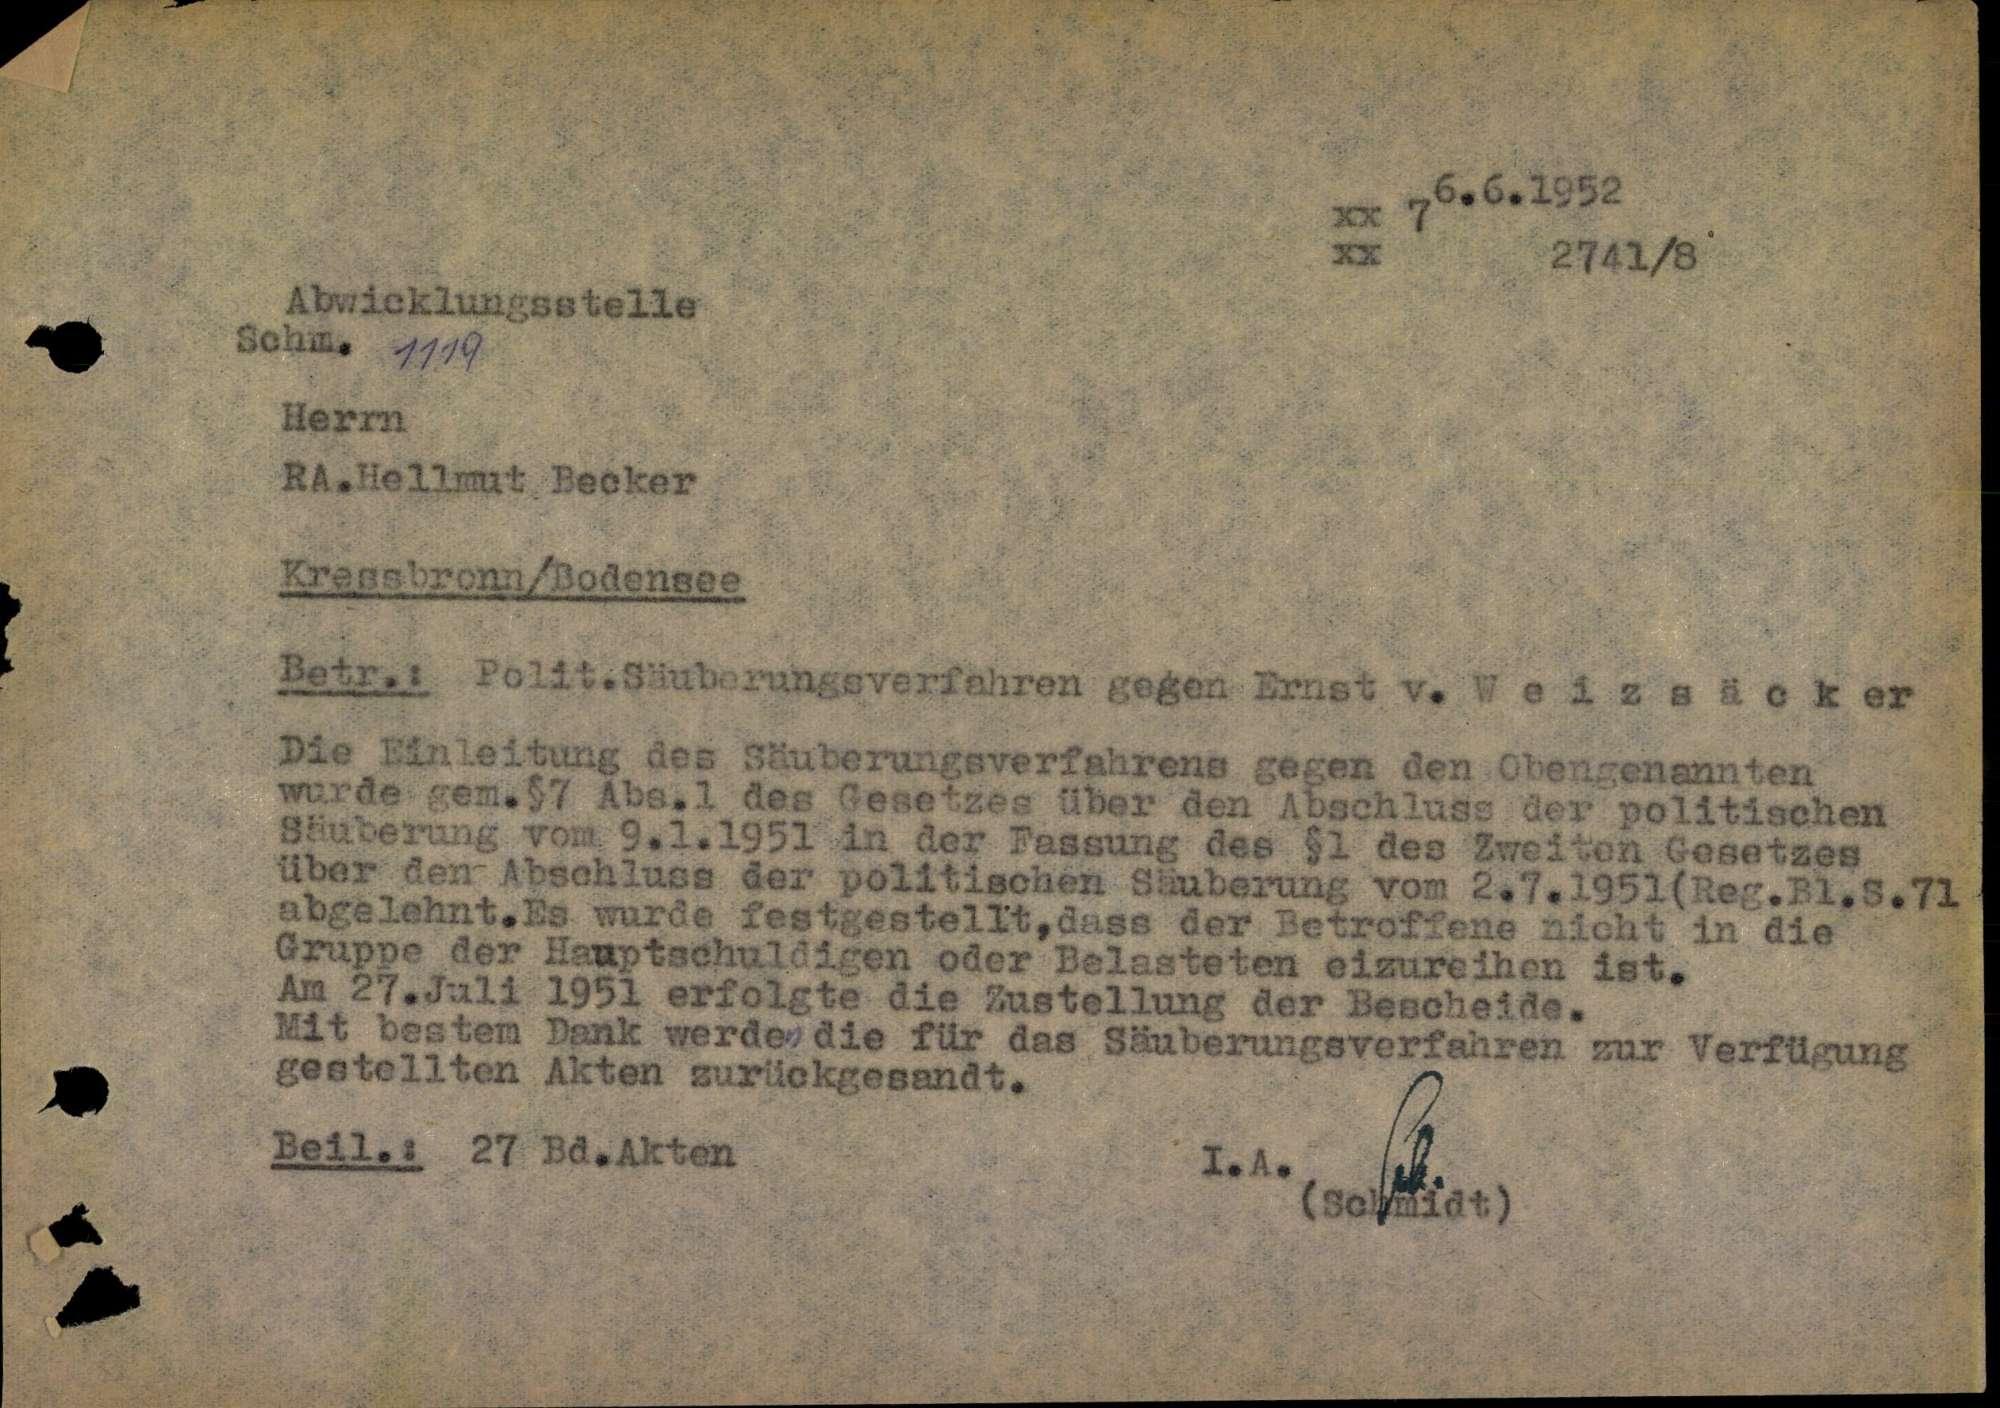 Weizsäcker, Ernst von, Bild 3